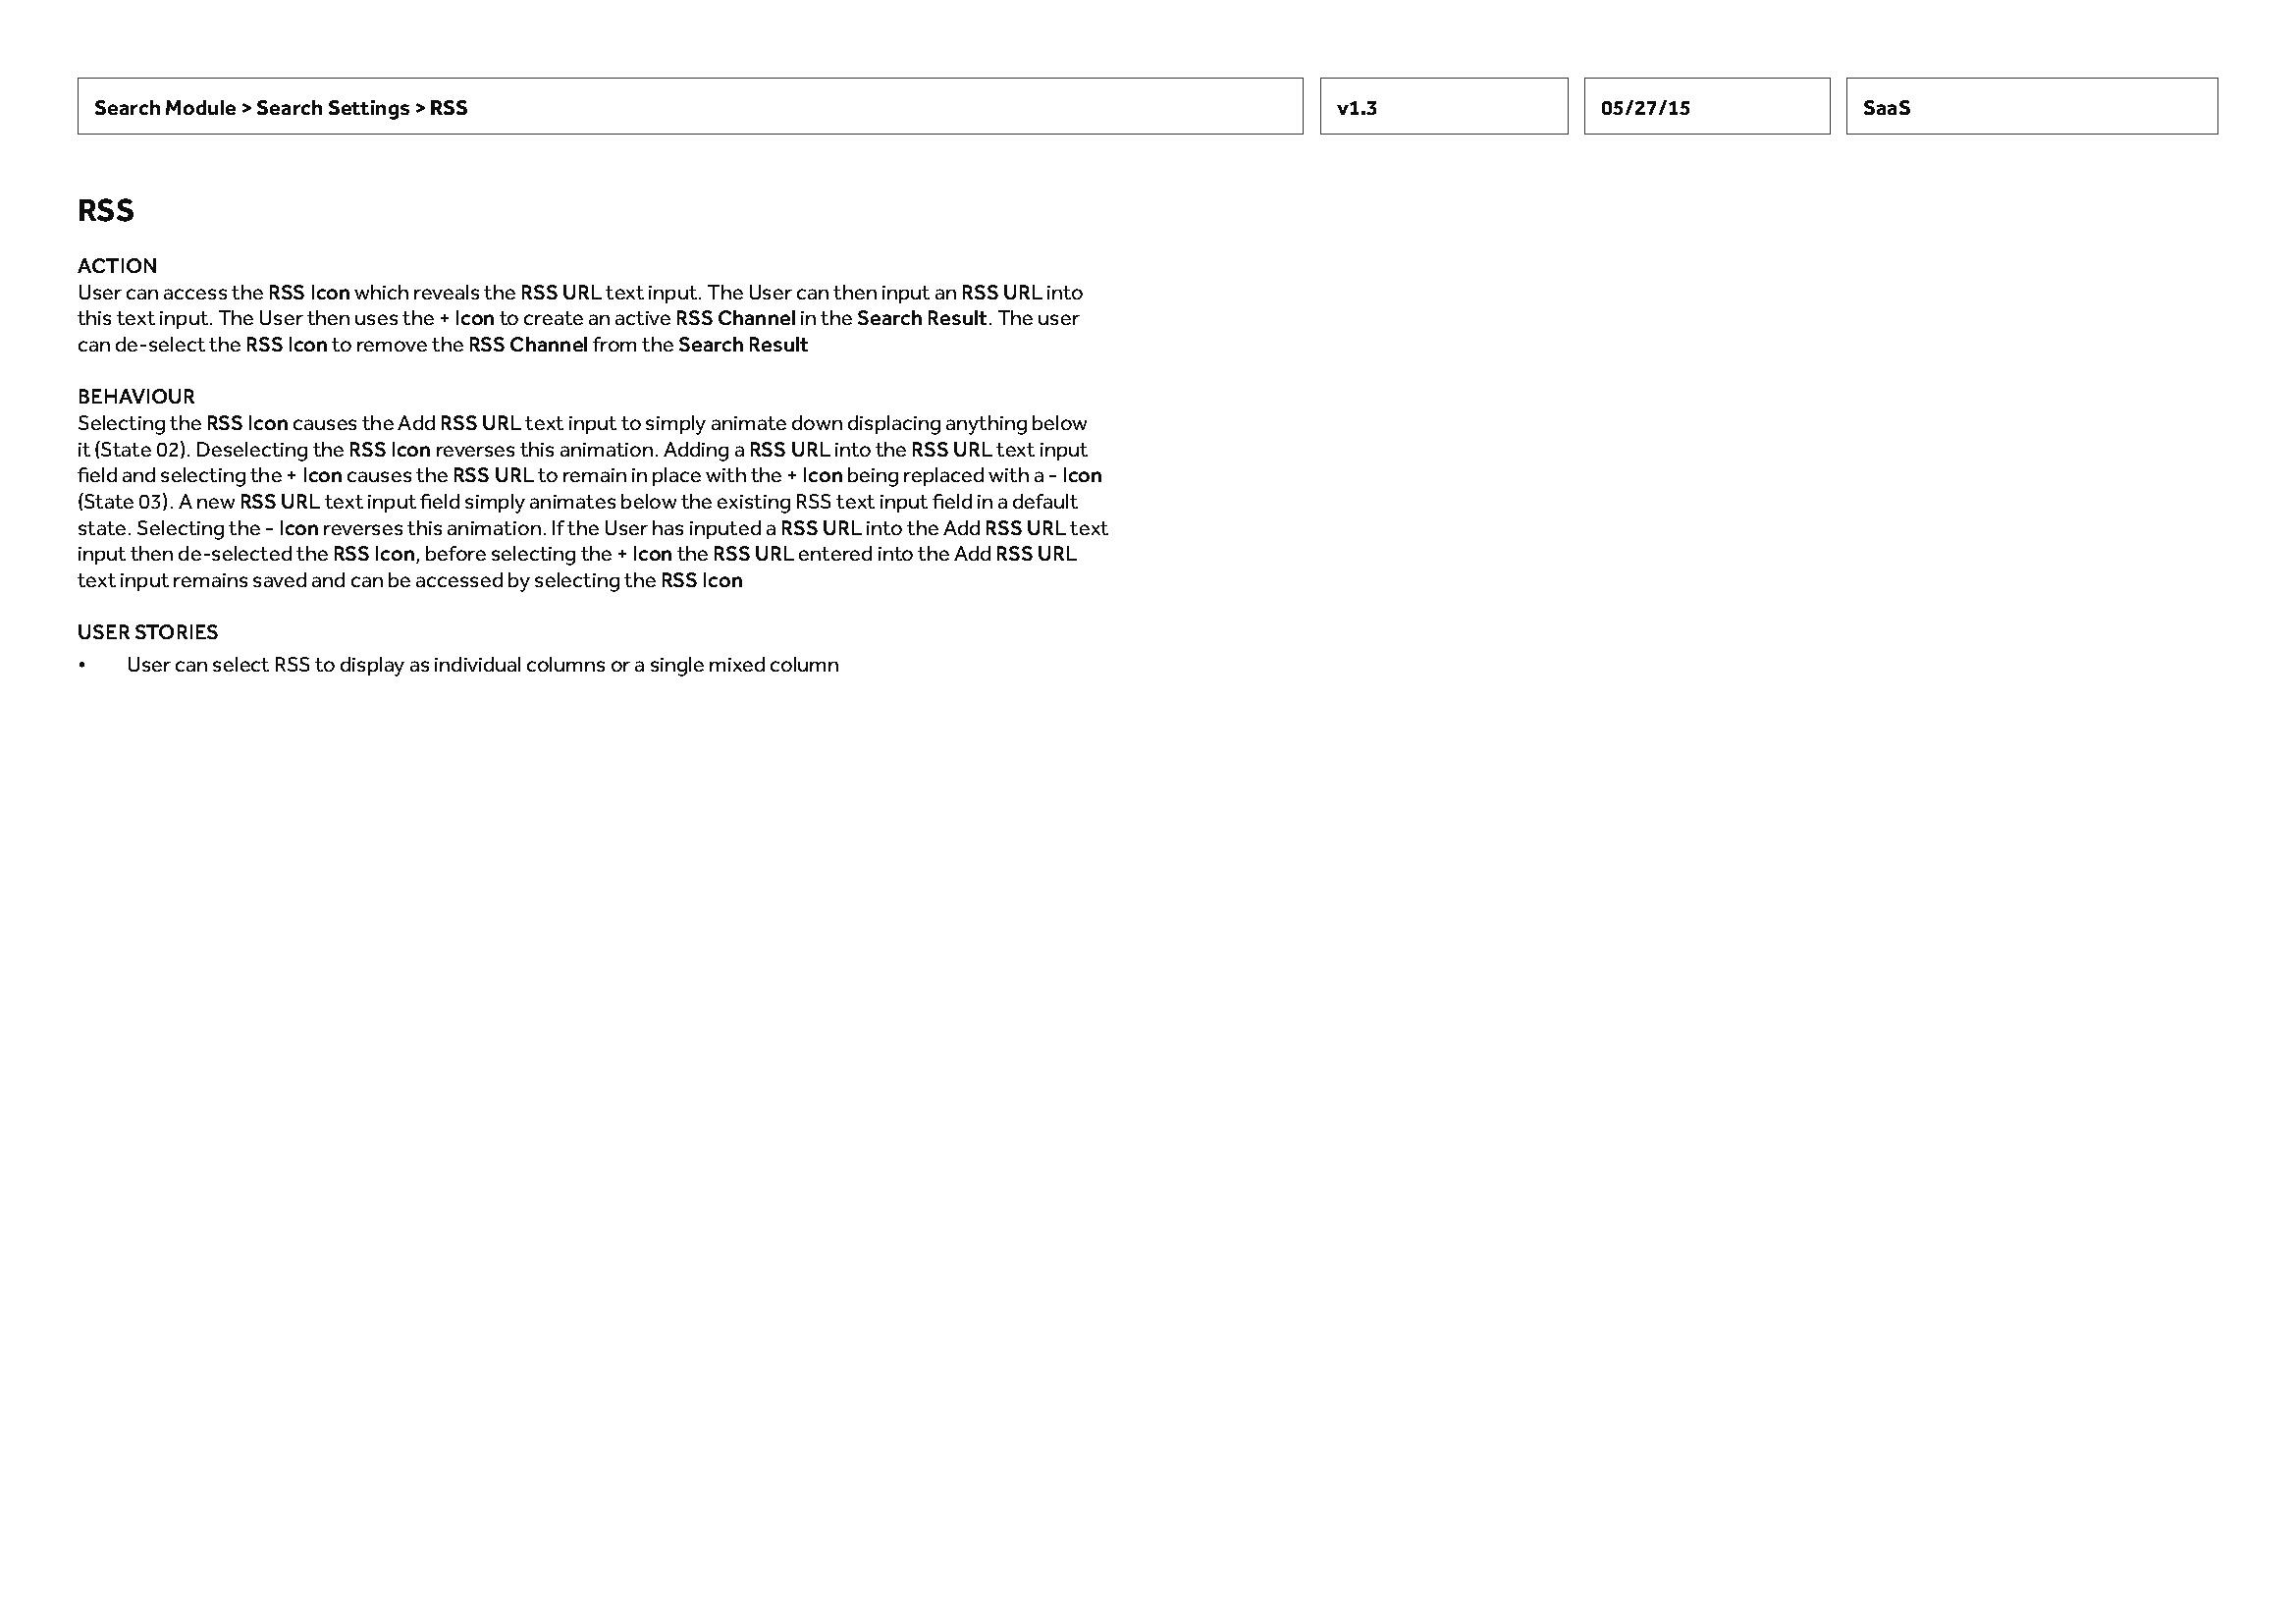 sonr_UXManual_v1.3_Page_06.jpg